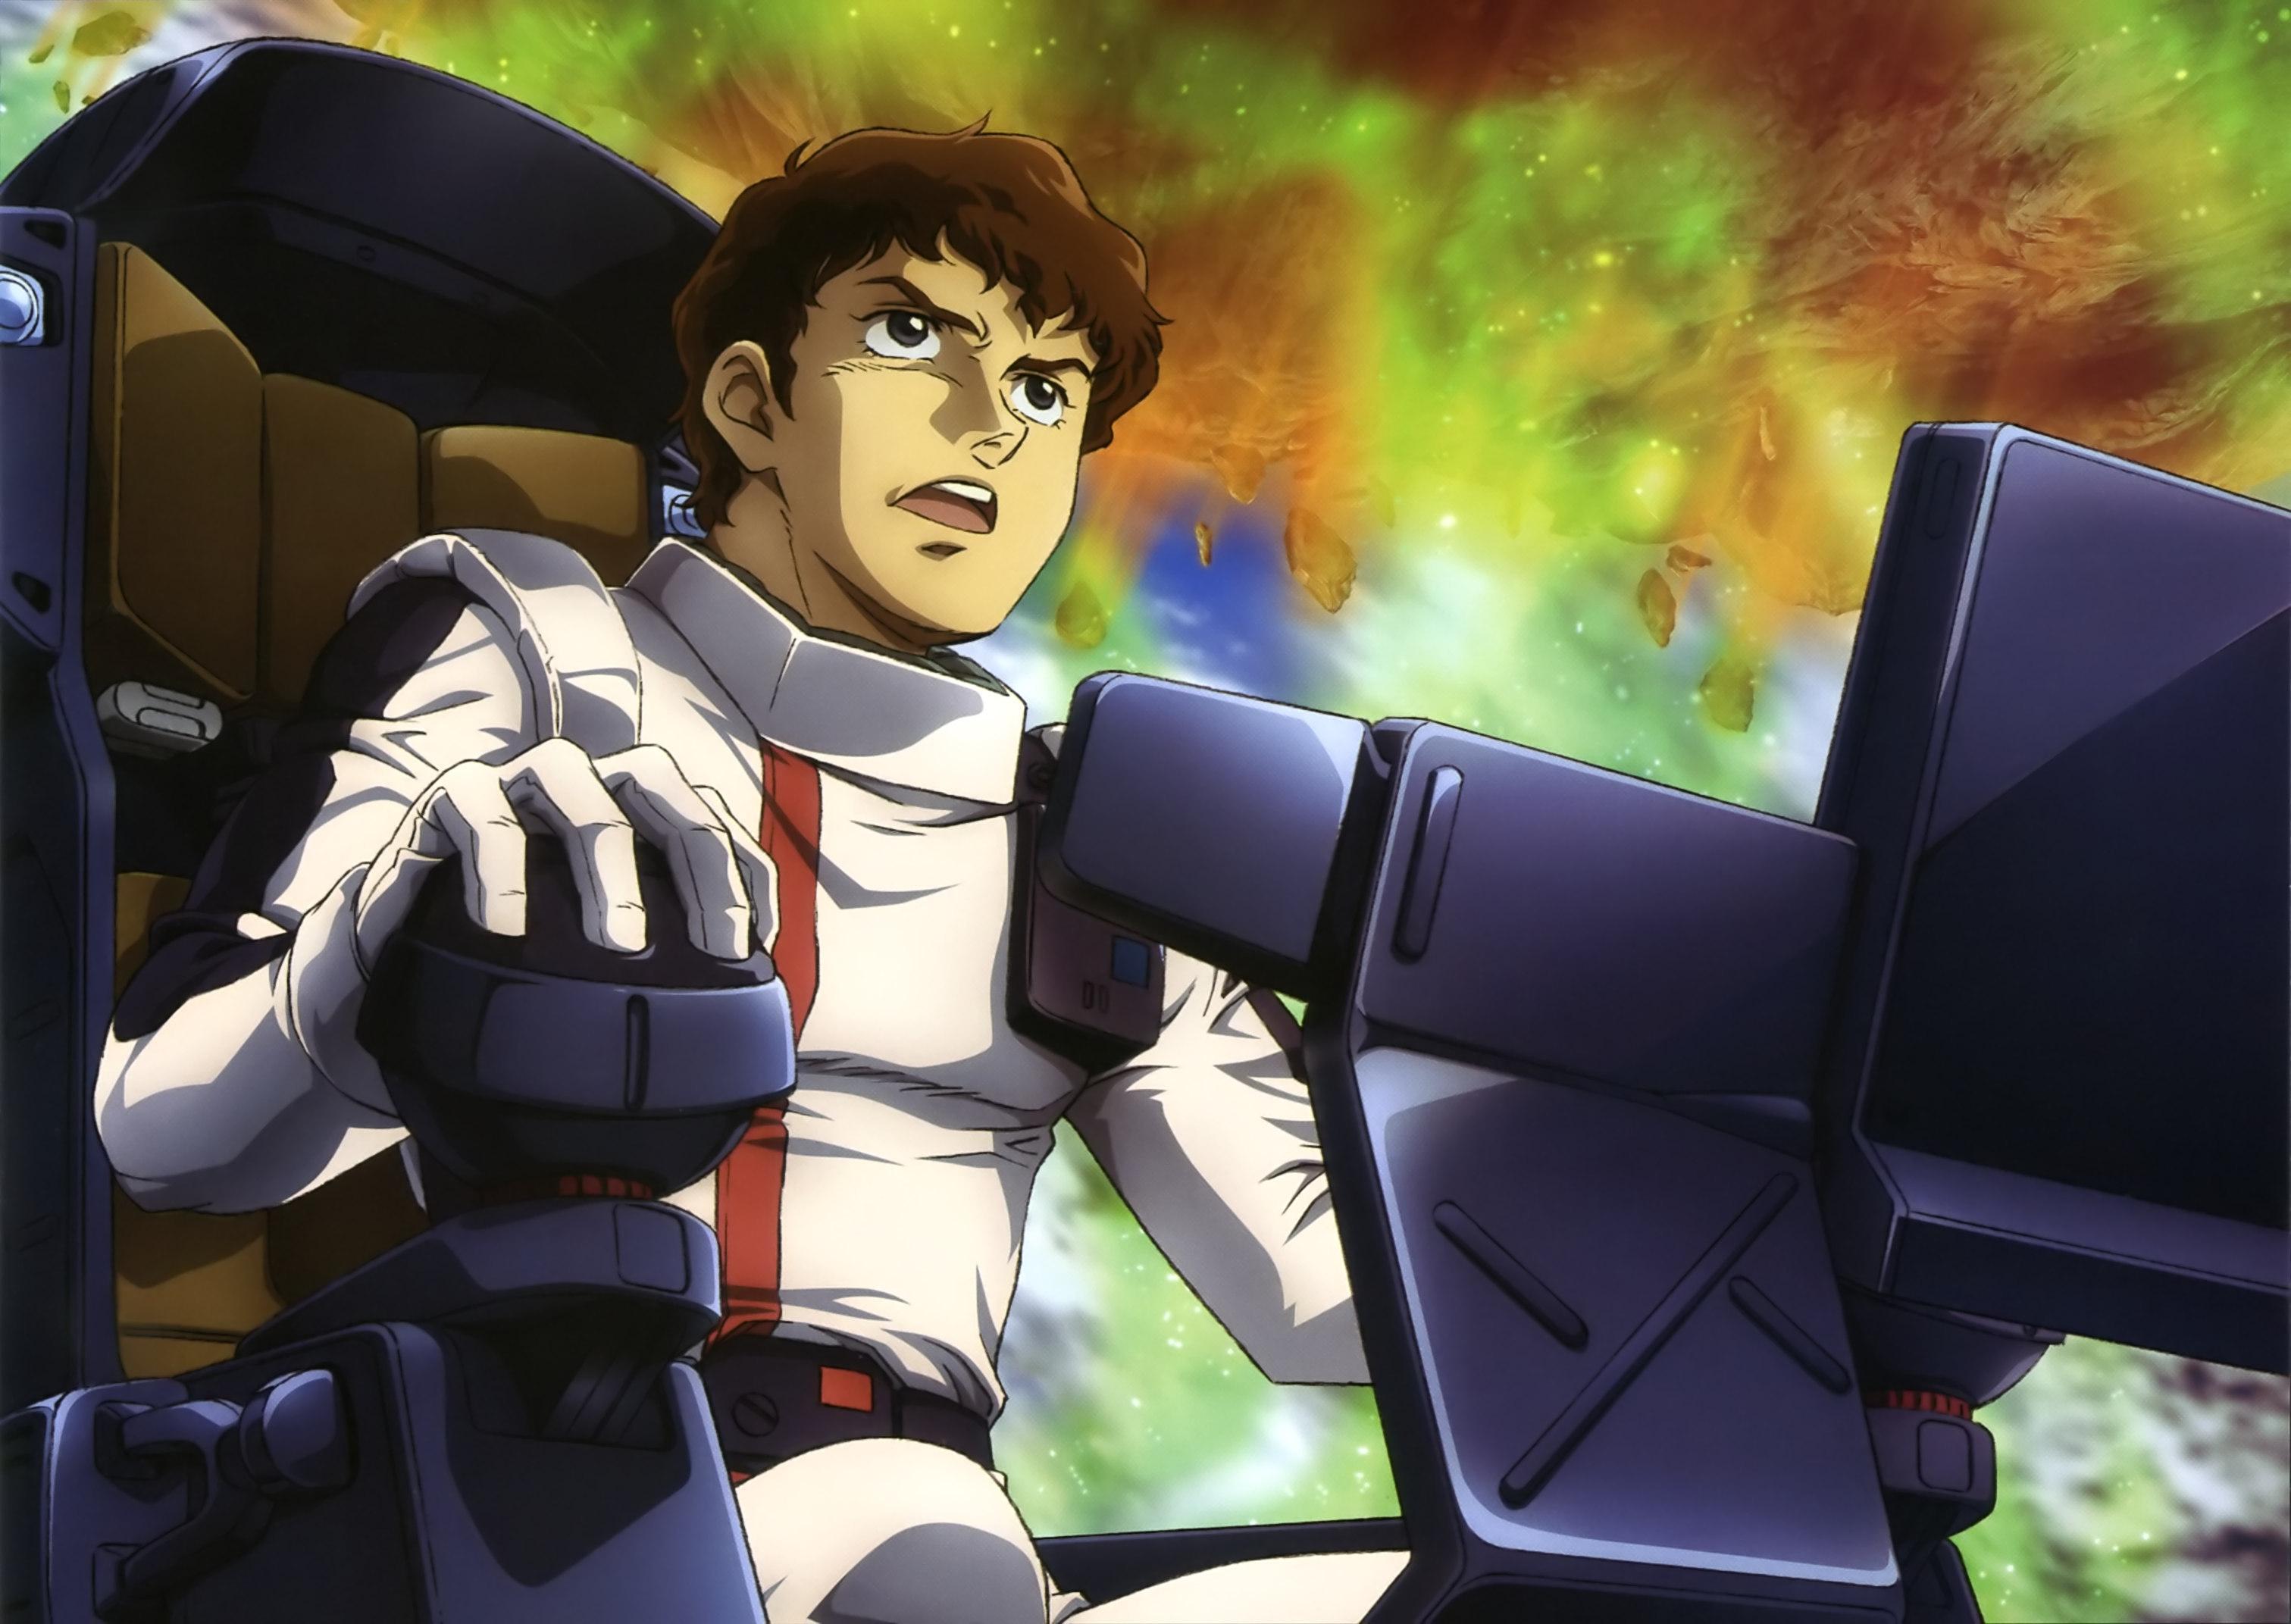 Mobile Suit Gundam Char S Counterattack Amuro Ray Minitokyo